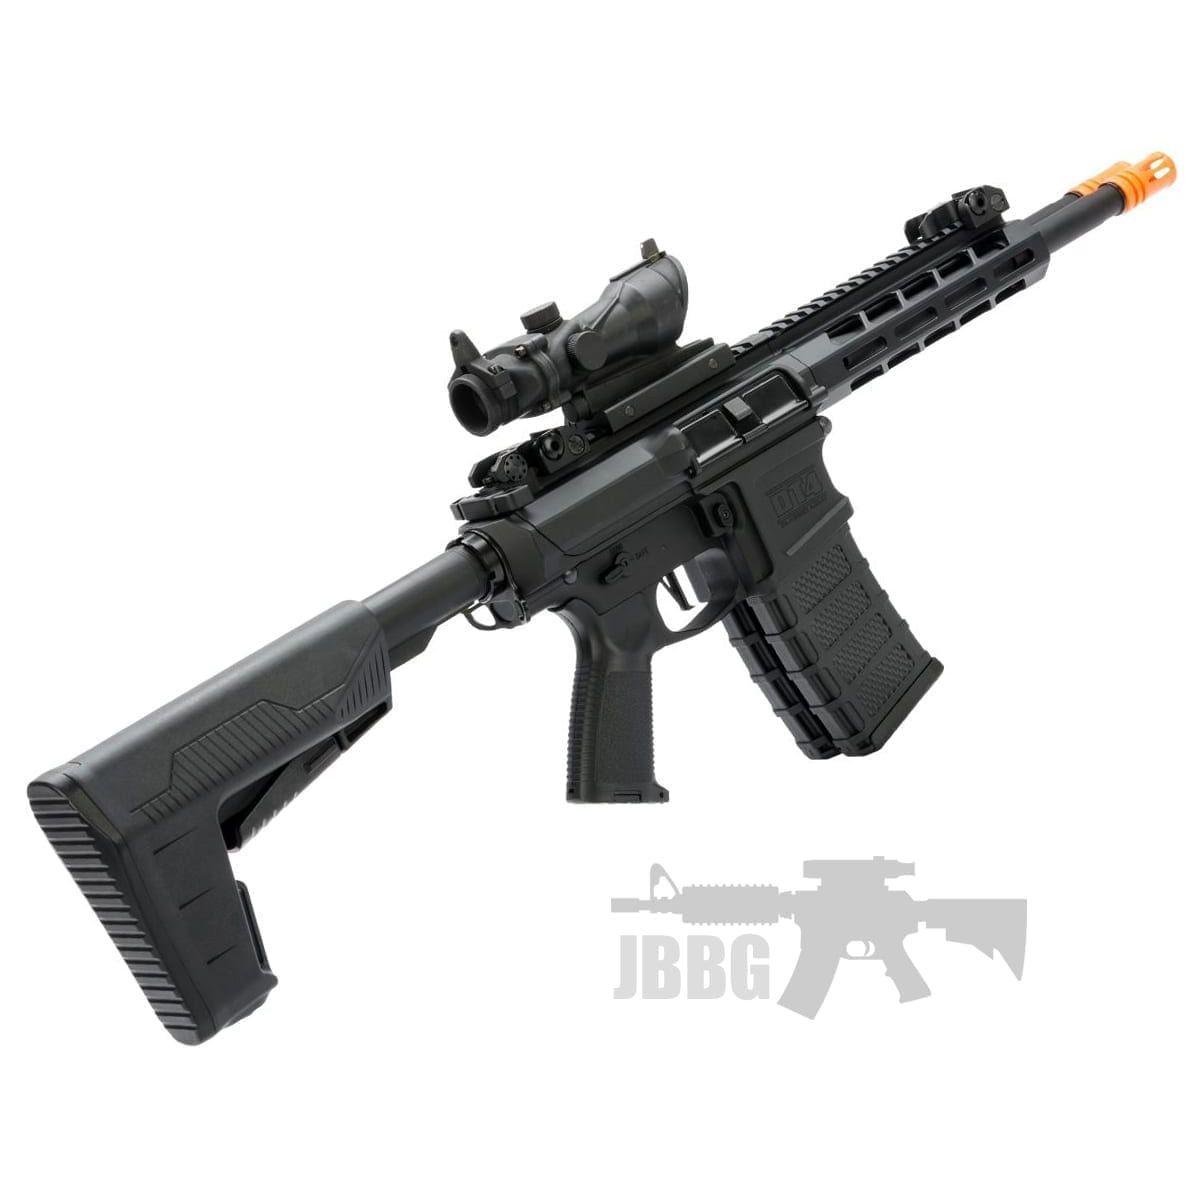 dt4 airsoft gun